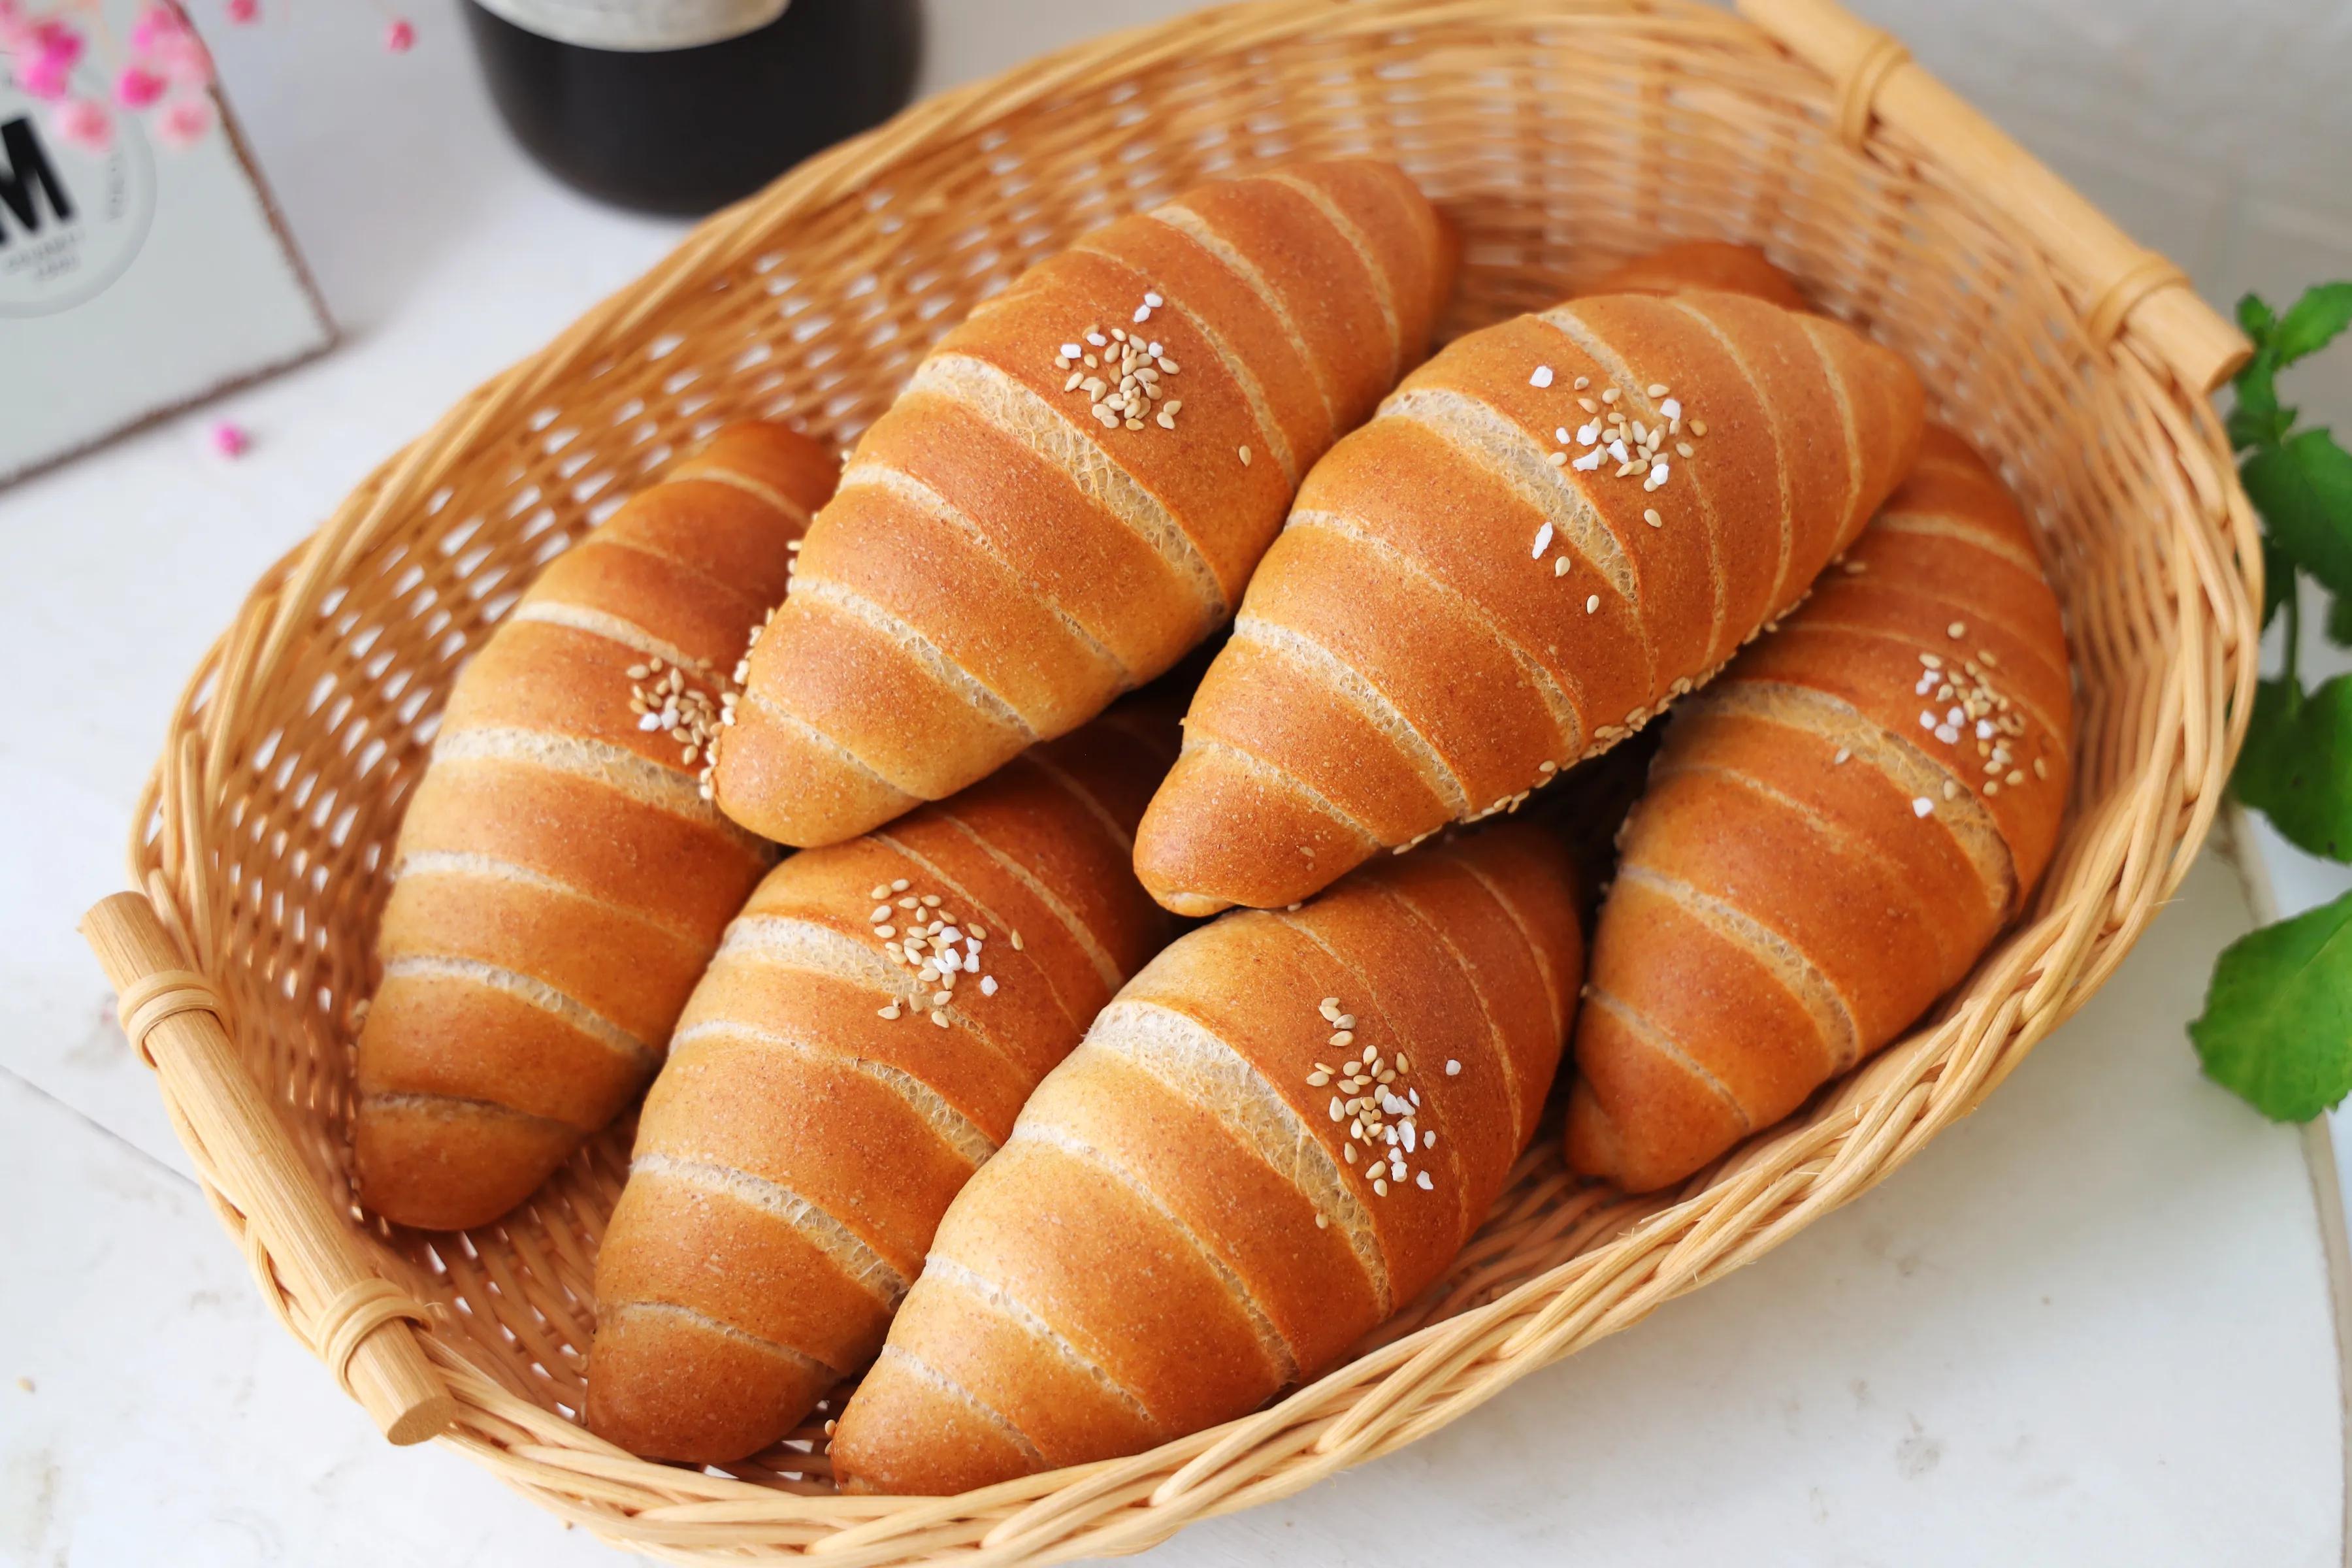 早餐最爱的日式海盐面包,脆脆的表皮,柔软的内心,一吃就上瘾